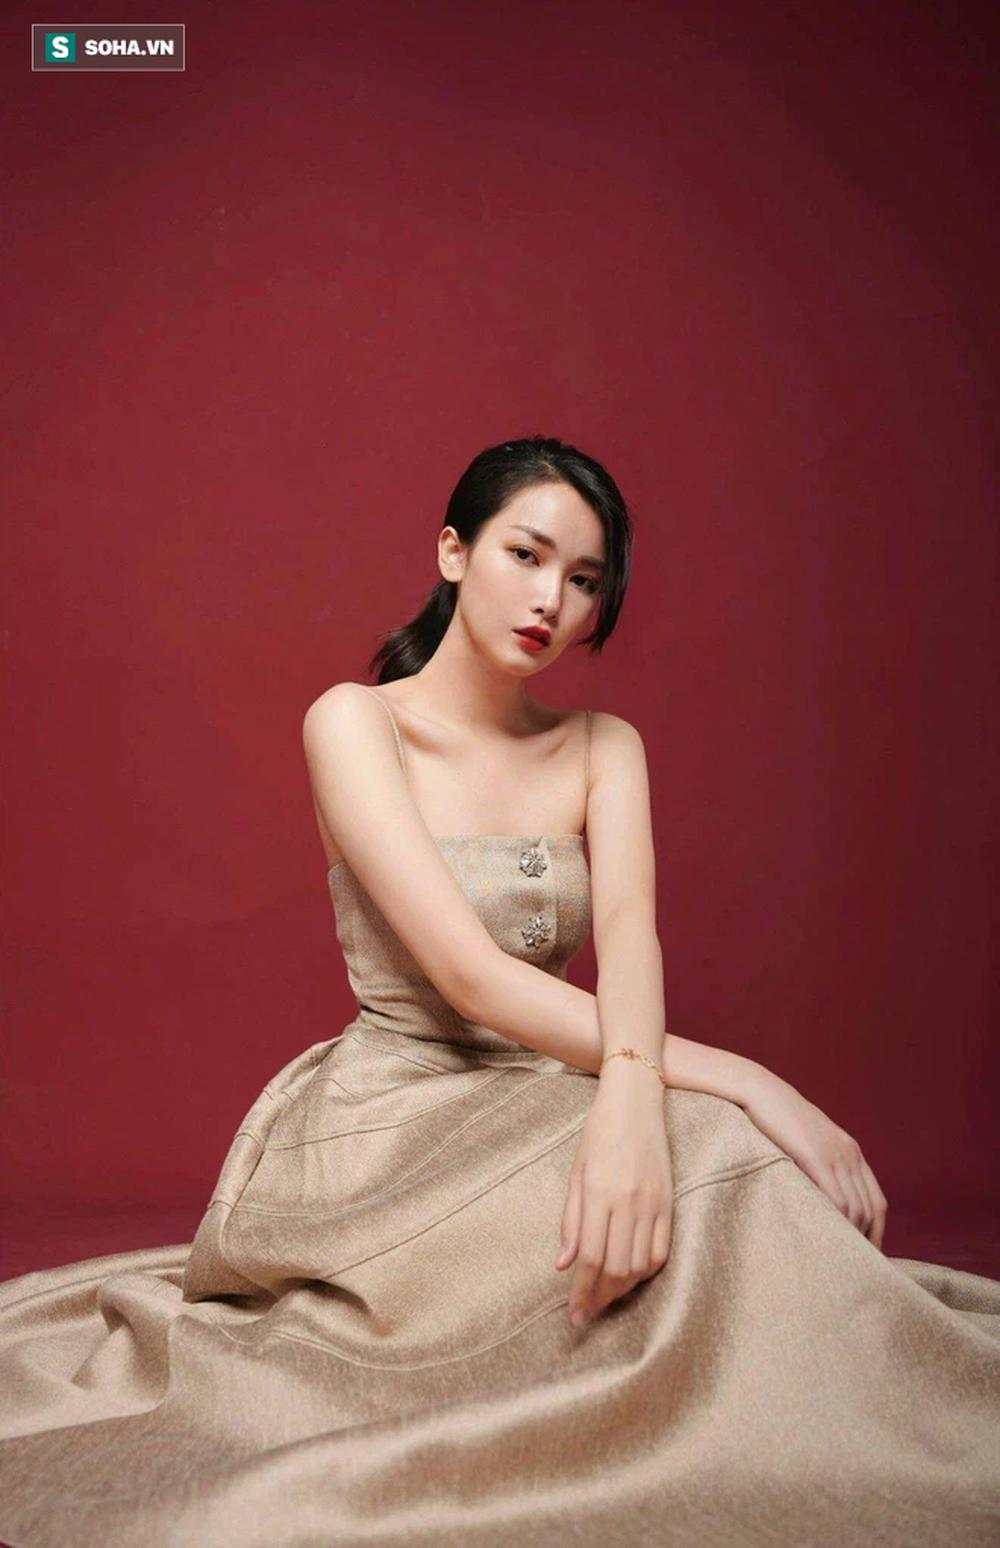 Nữ BTV xinh đẹp Khánh Linh: Chúng ta đều mong ĐTVN thắng, nhưng cũng phải thực tế... - Ảnh 5.